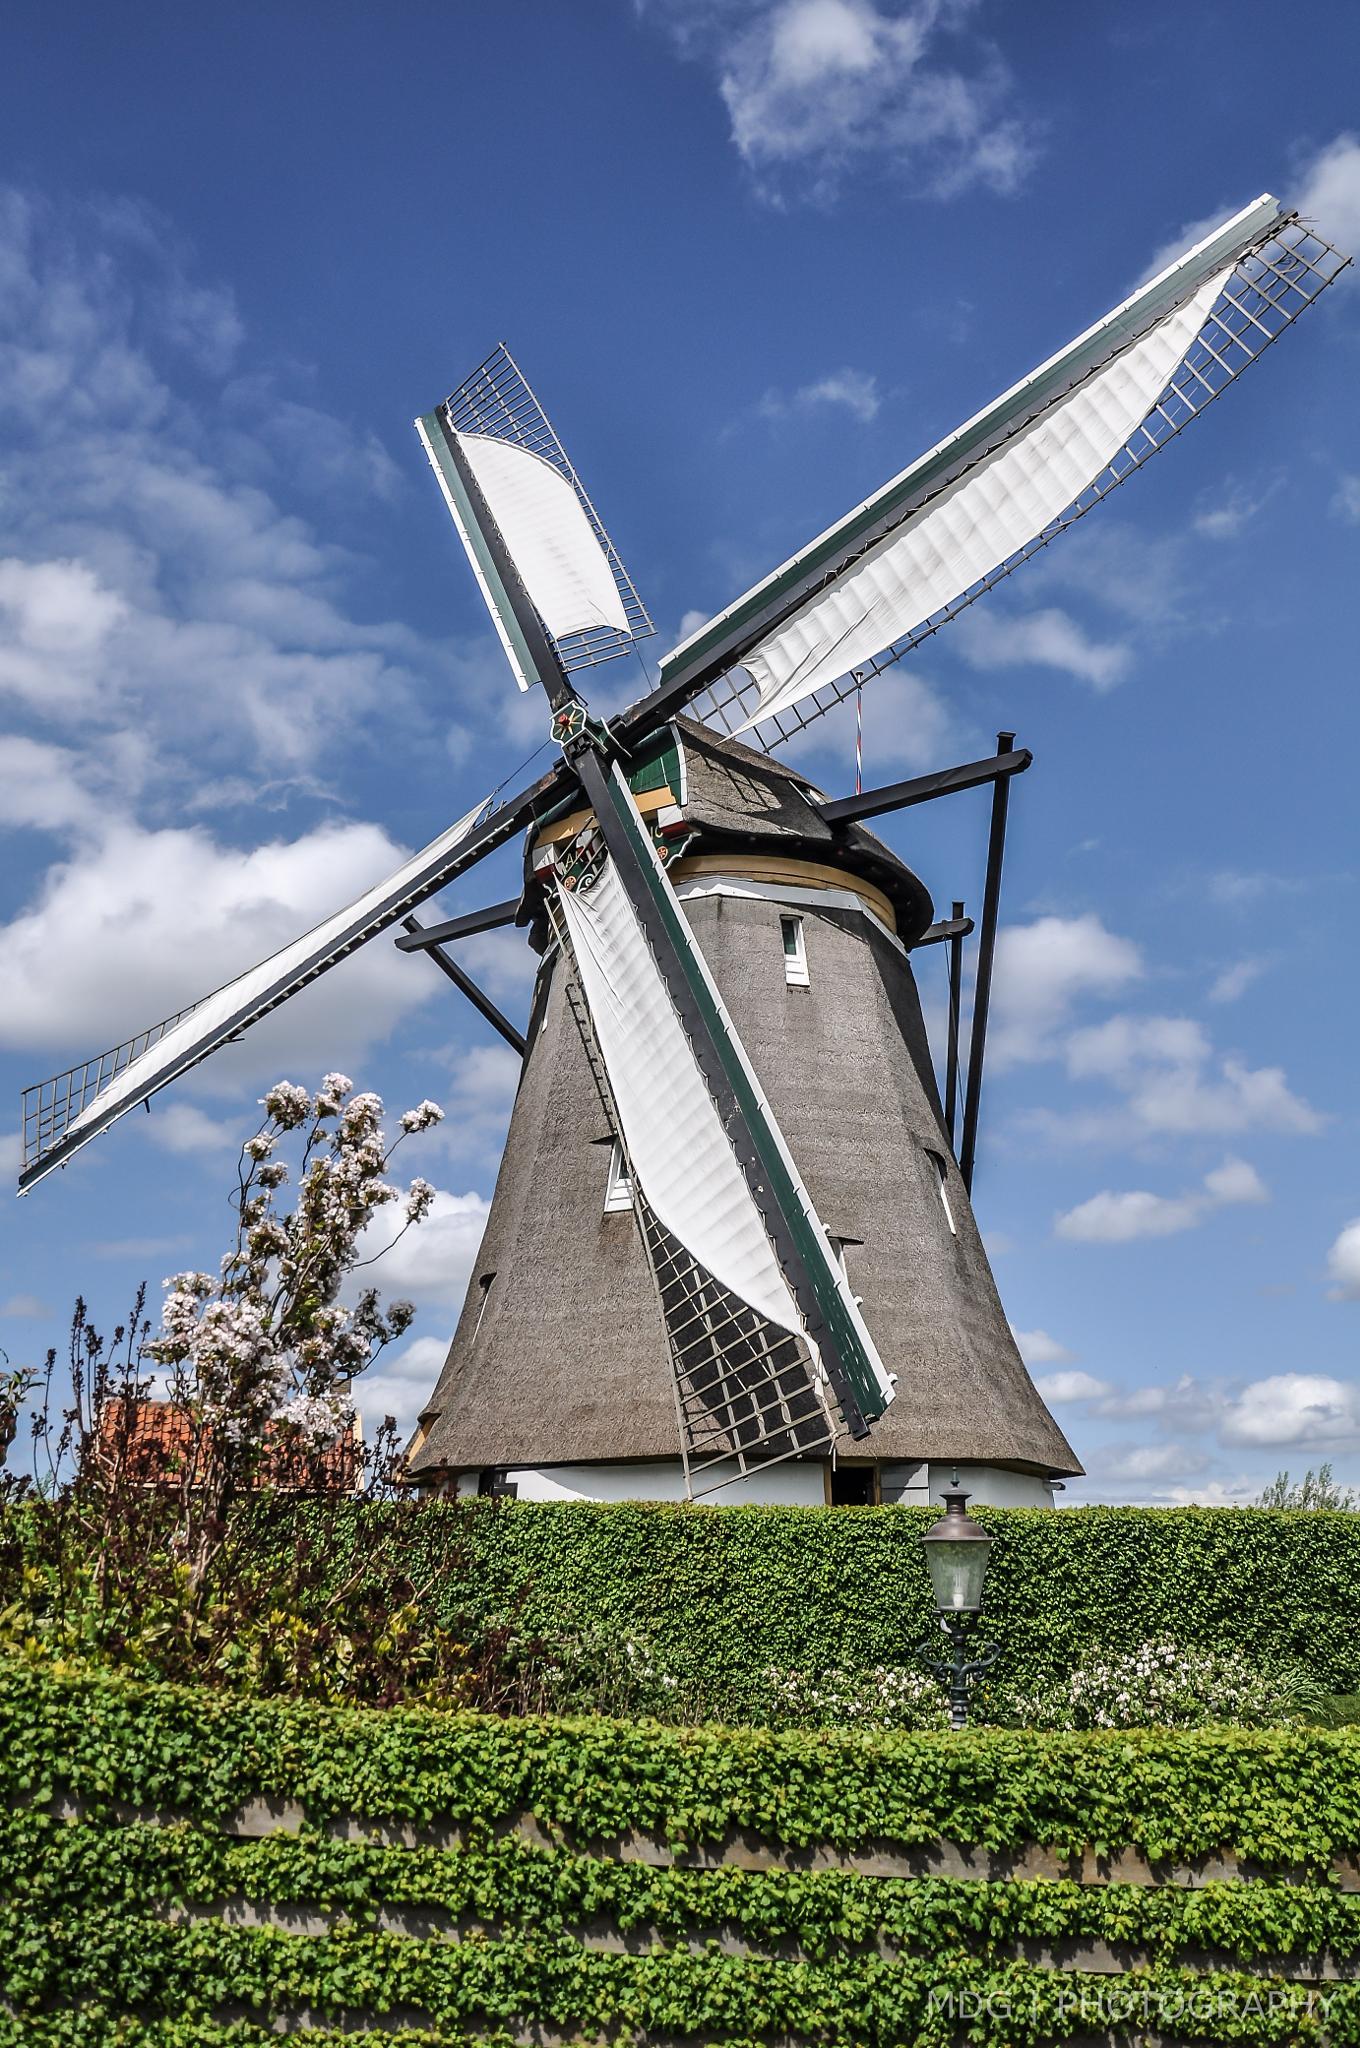 Windmill by Marco de Graaff